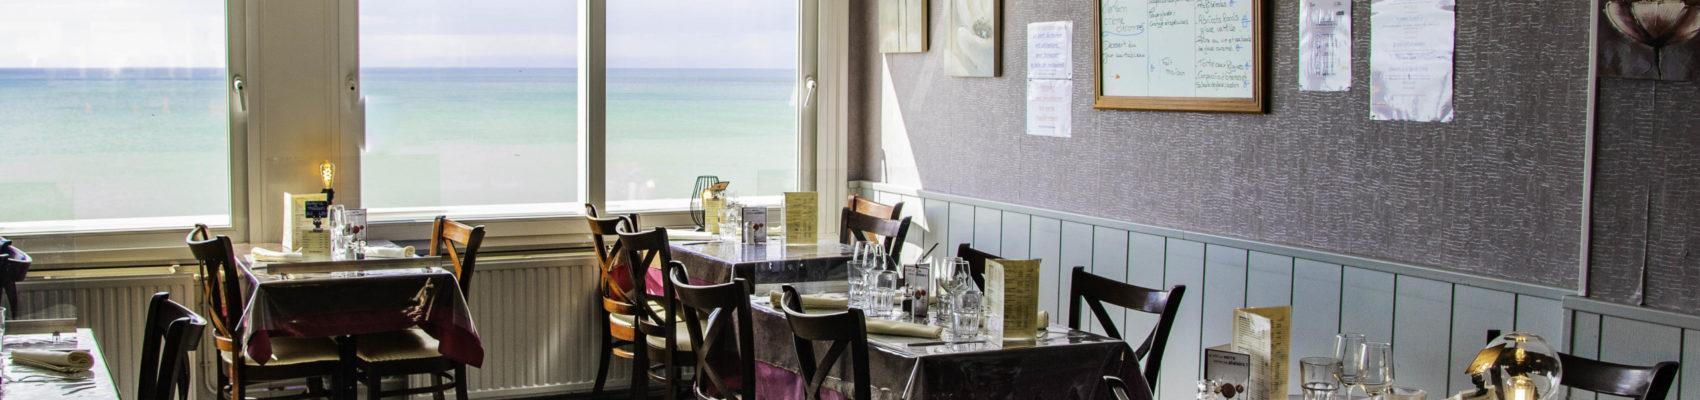 Restaurant l'horizon à AULT